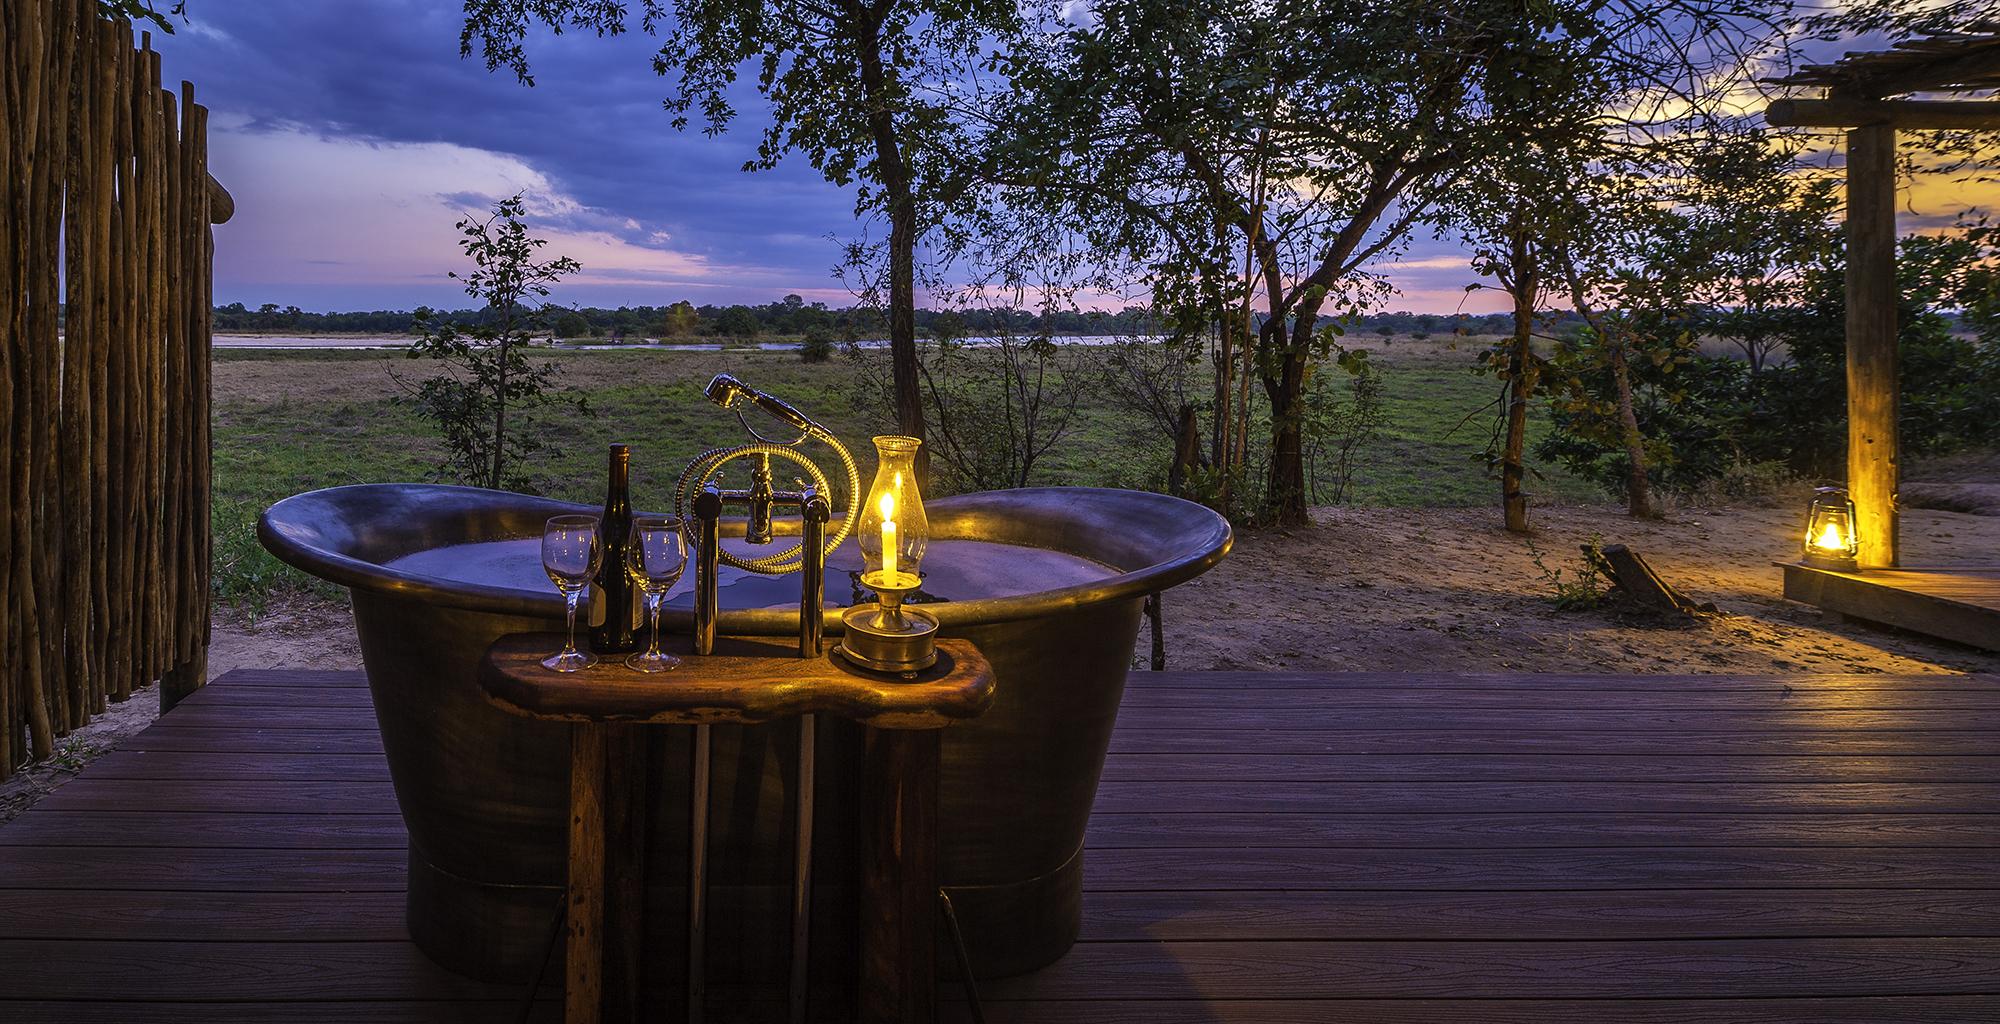 Zambia-Zungulila-Bath-View